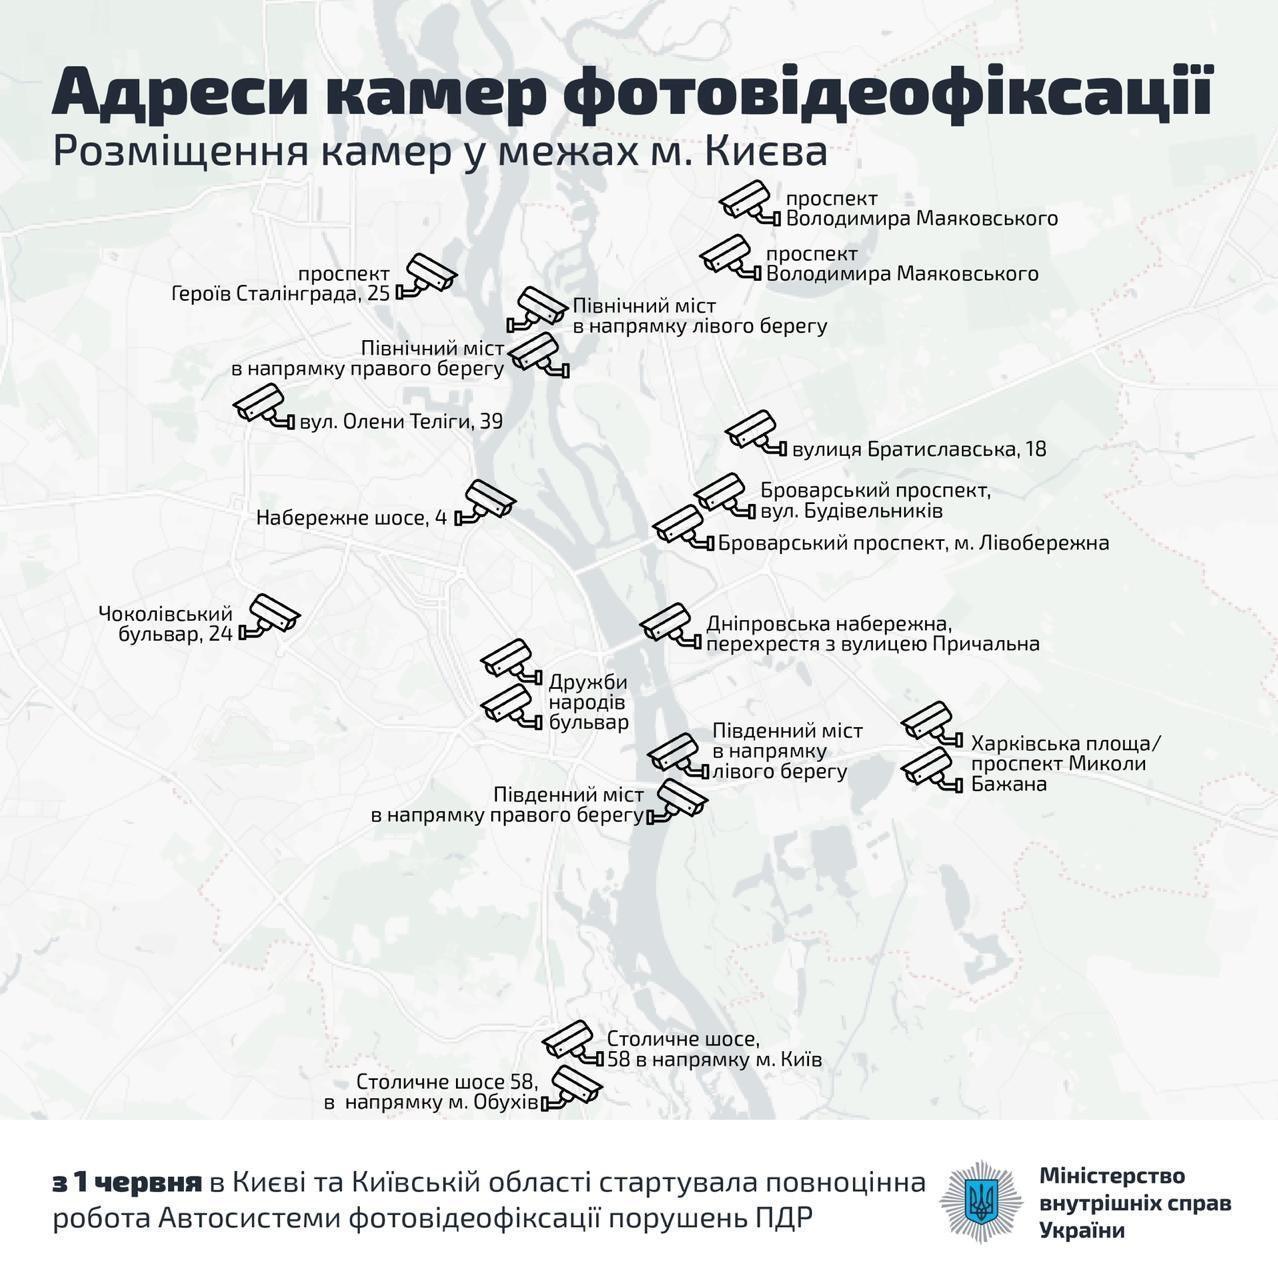 В Киеве заработали камеры фиксации нарушений ПДД: адреса, карта, все детали